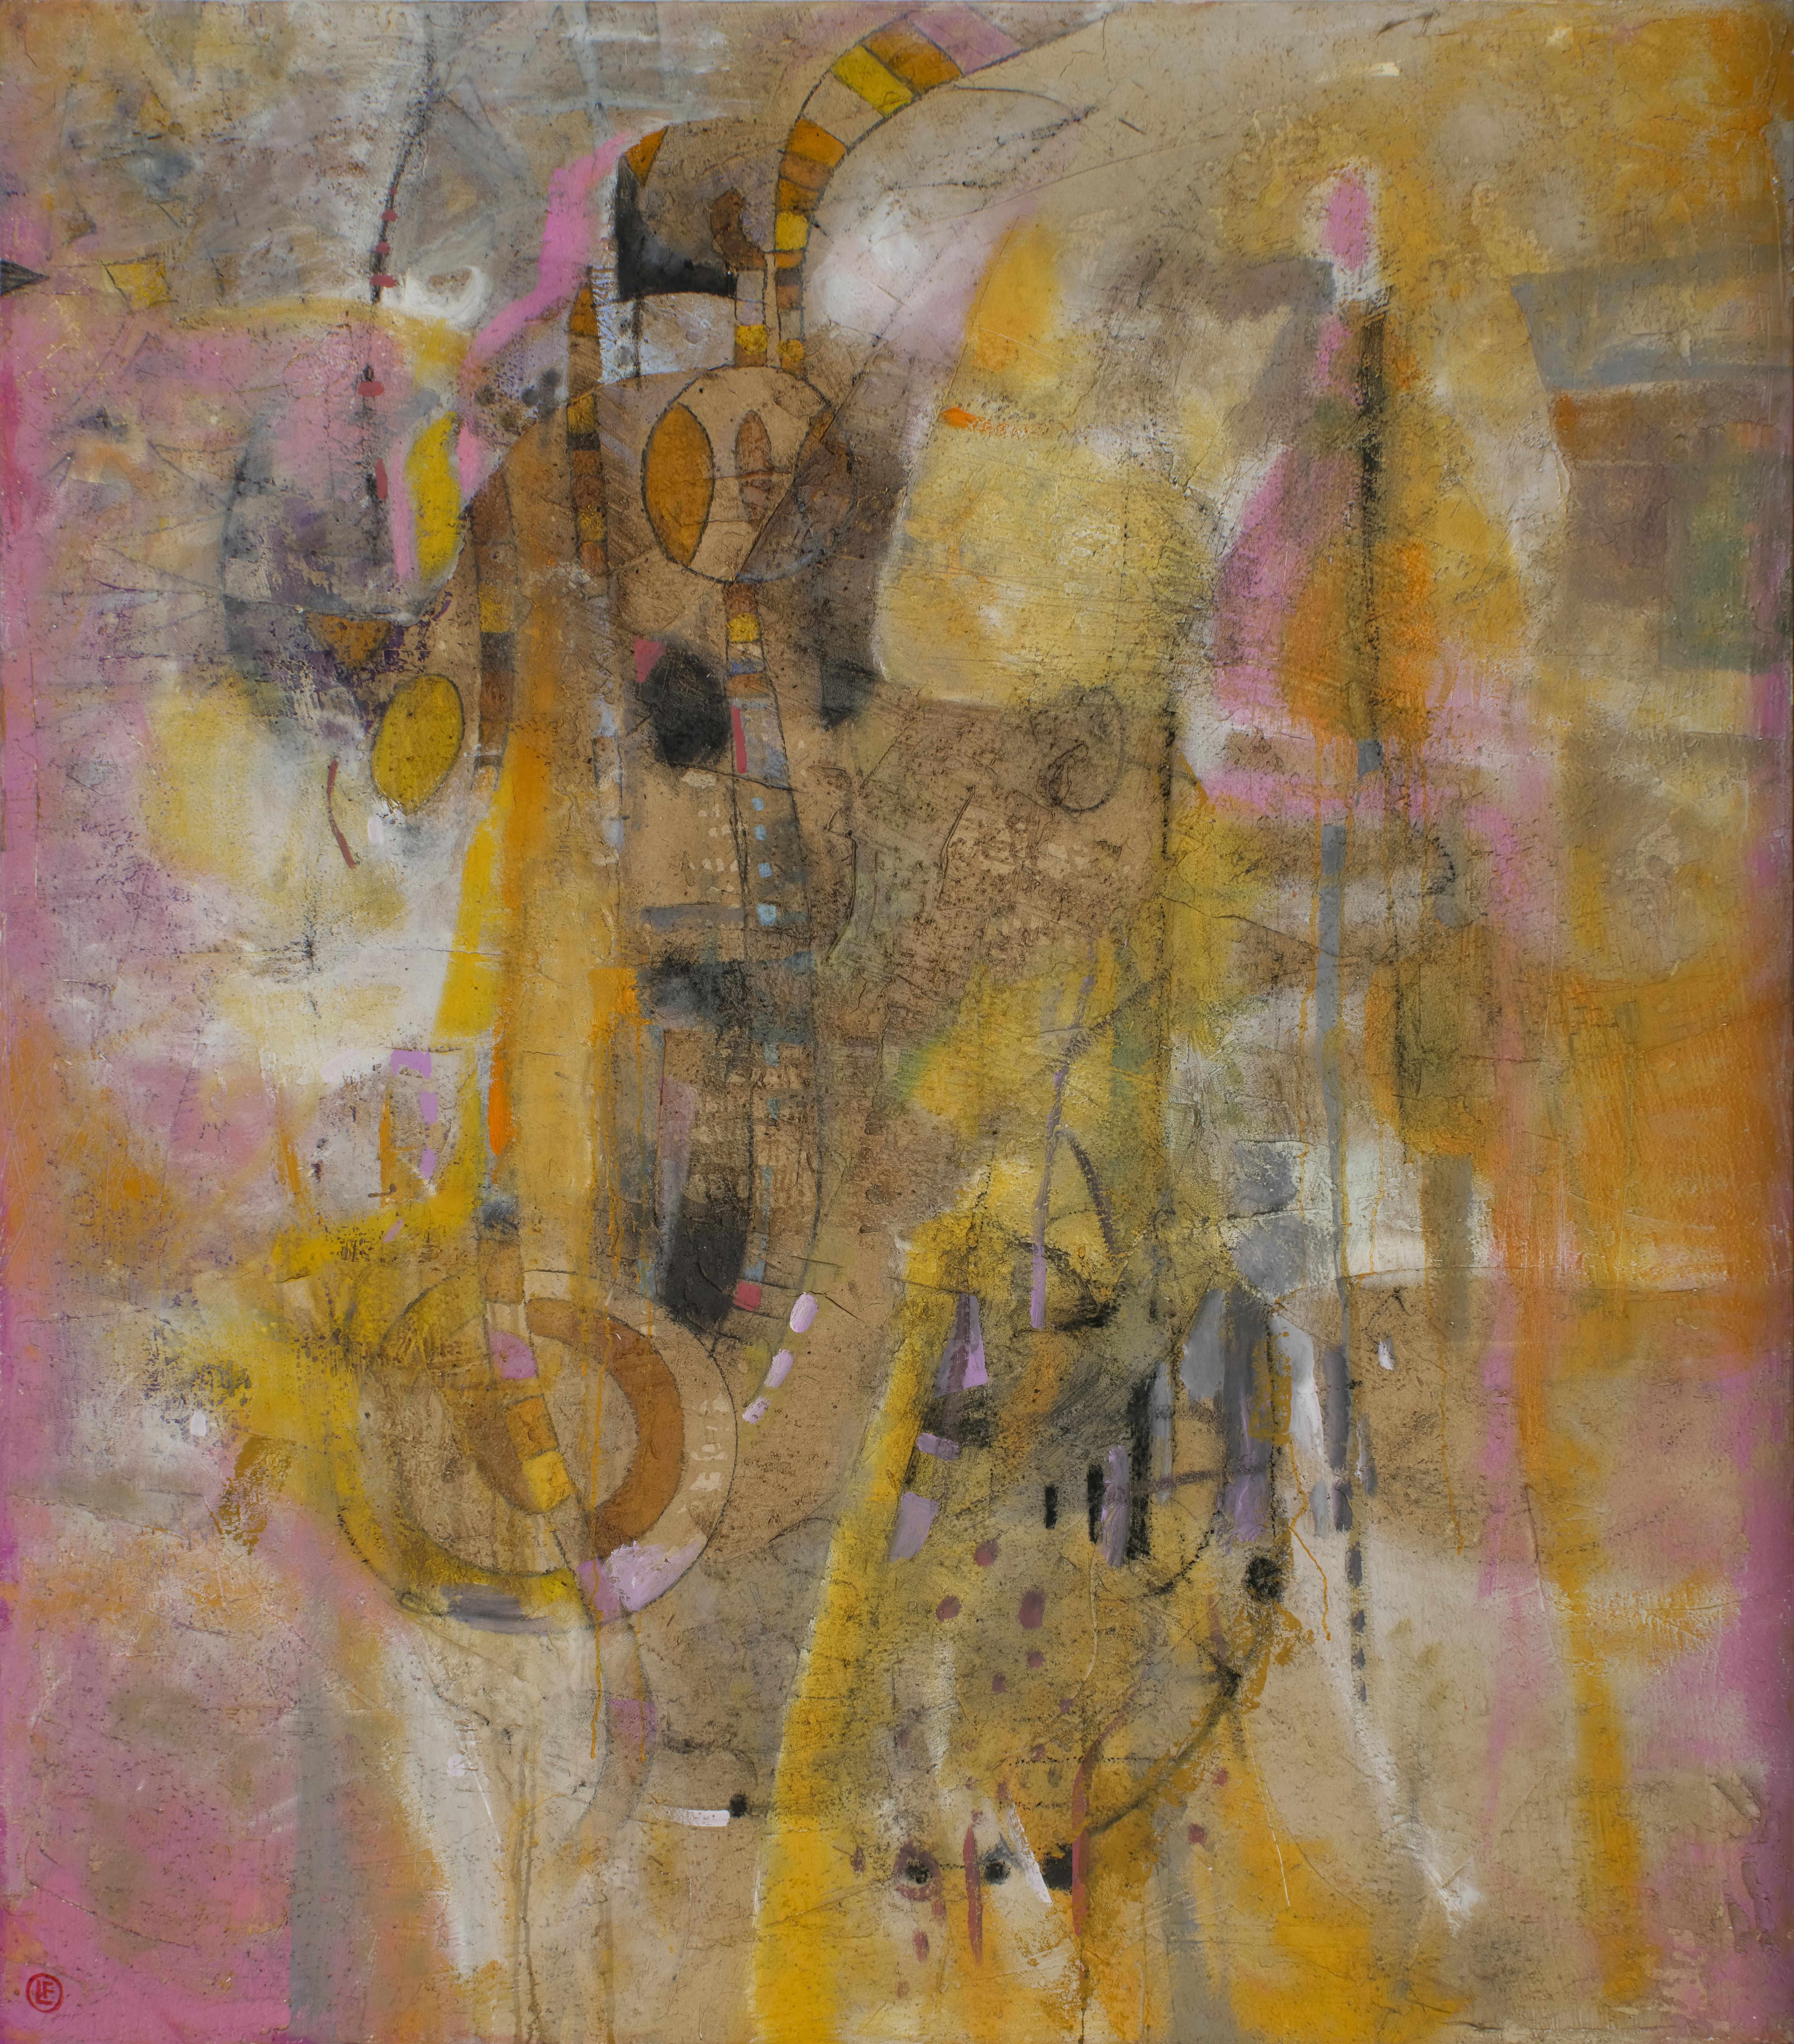 Andrómeda óleo s/tela 200 x  170 cms. / 79 x 67 inches